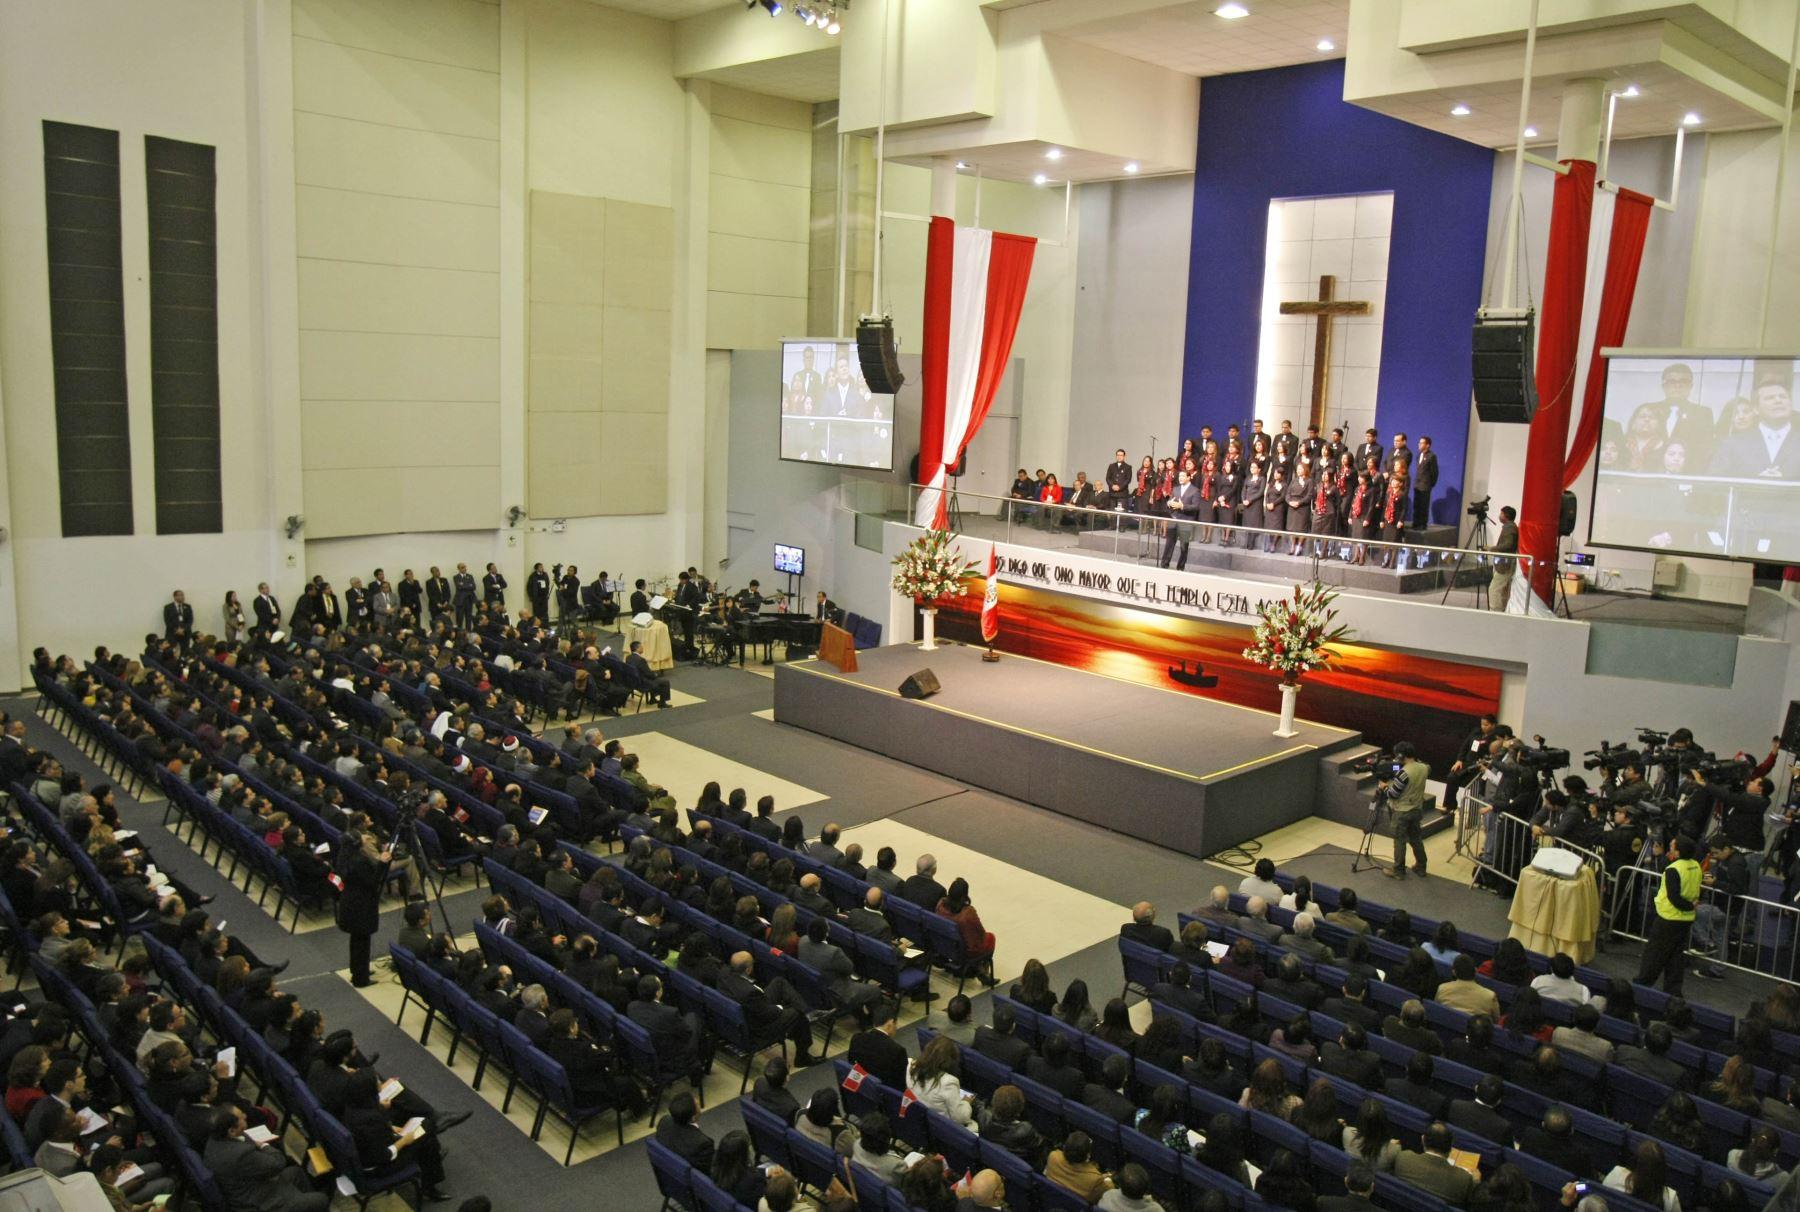 El 31 de octubre es declarado Día de las Iglesias Evangélicas